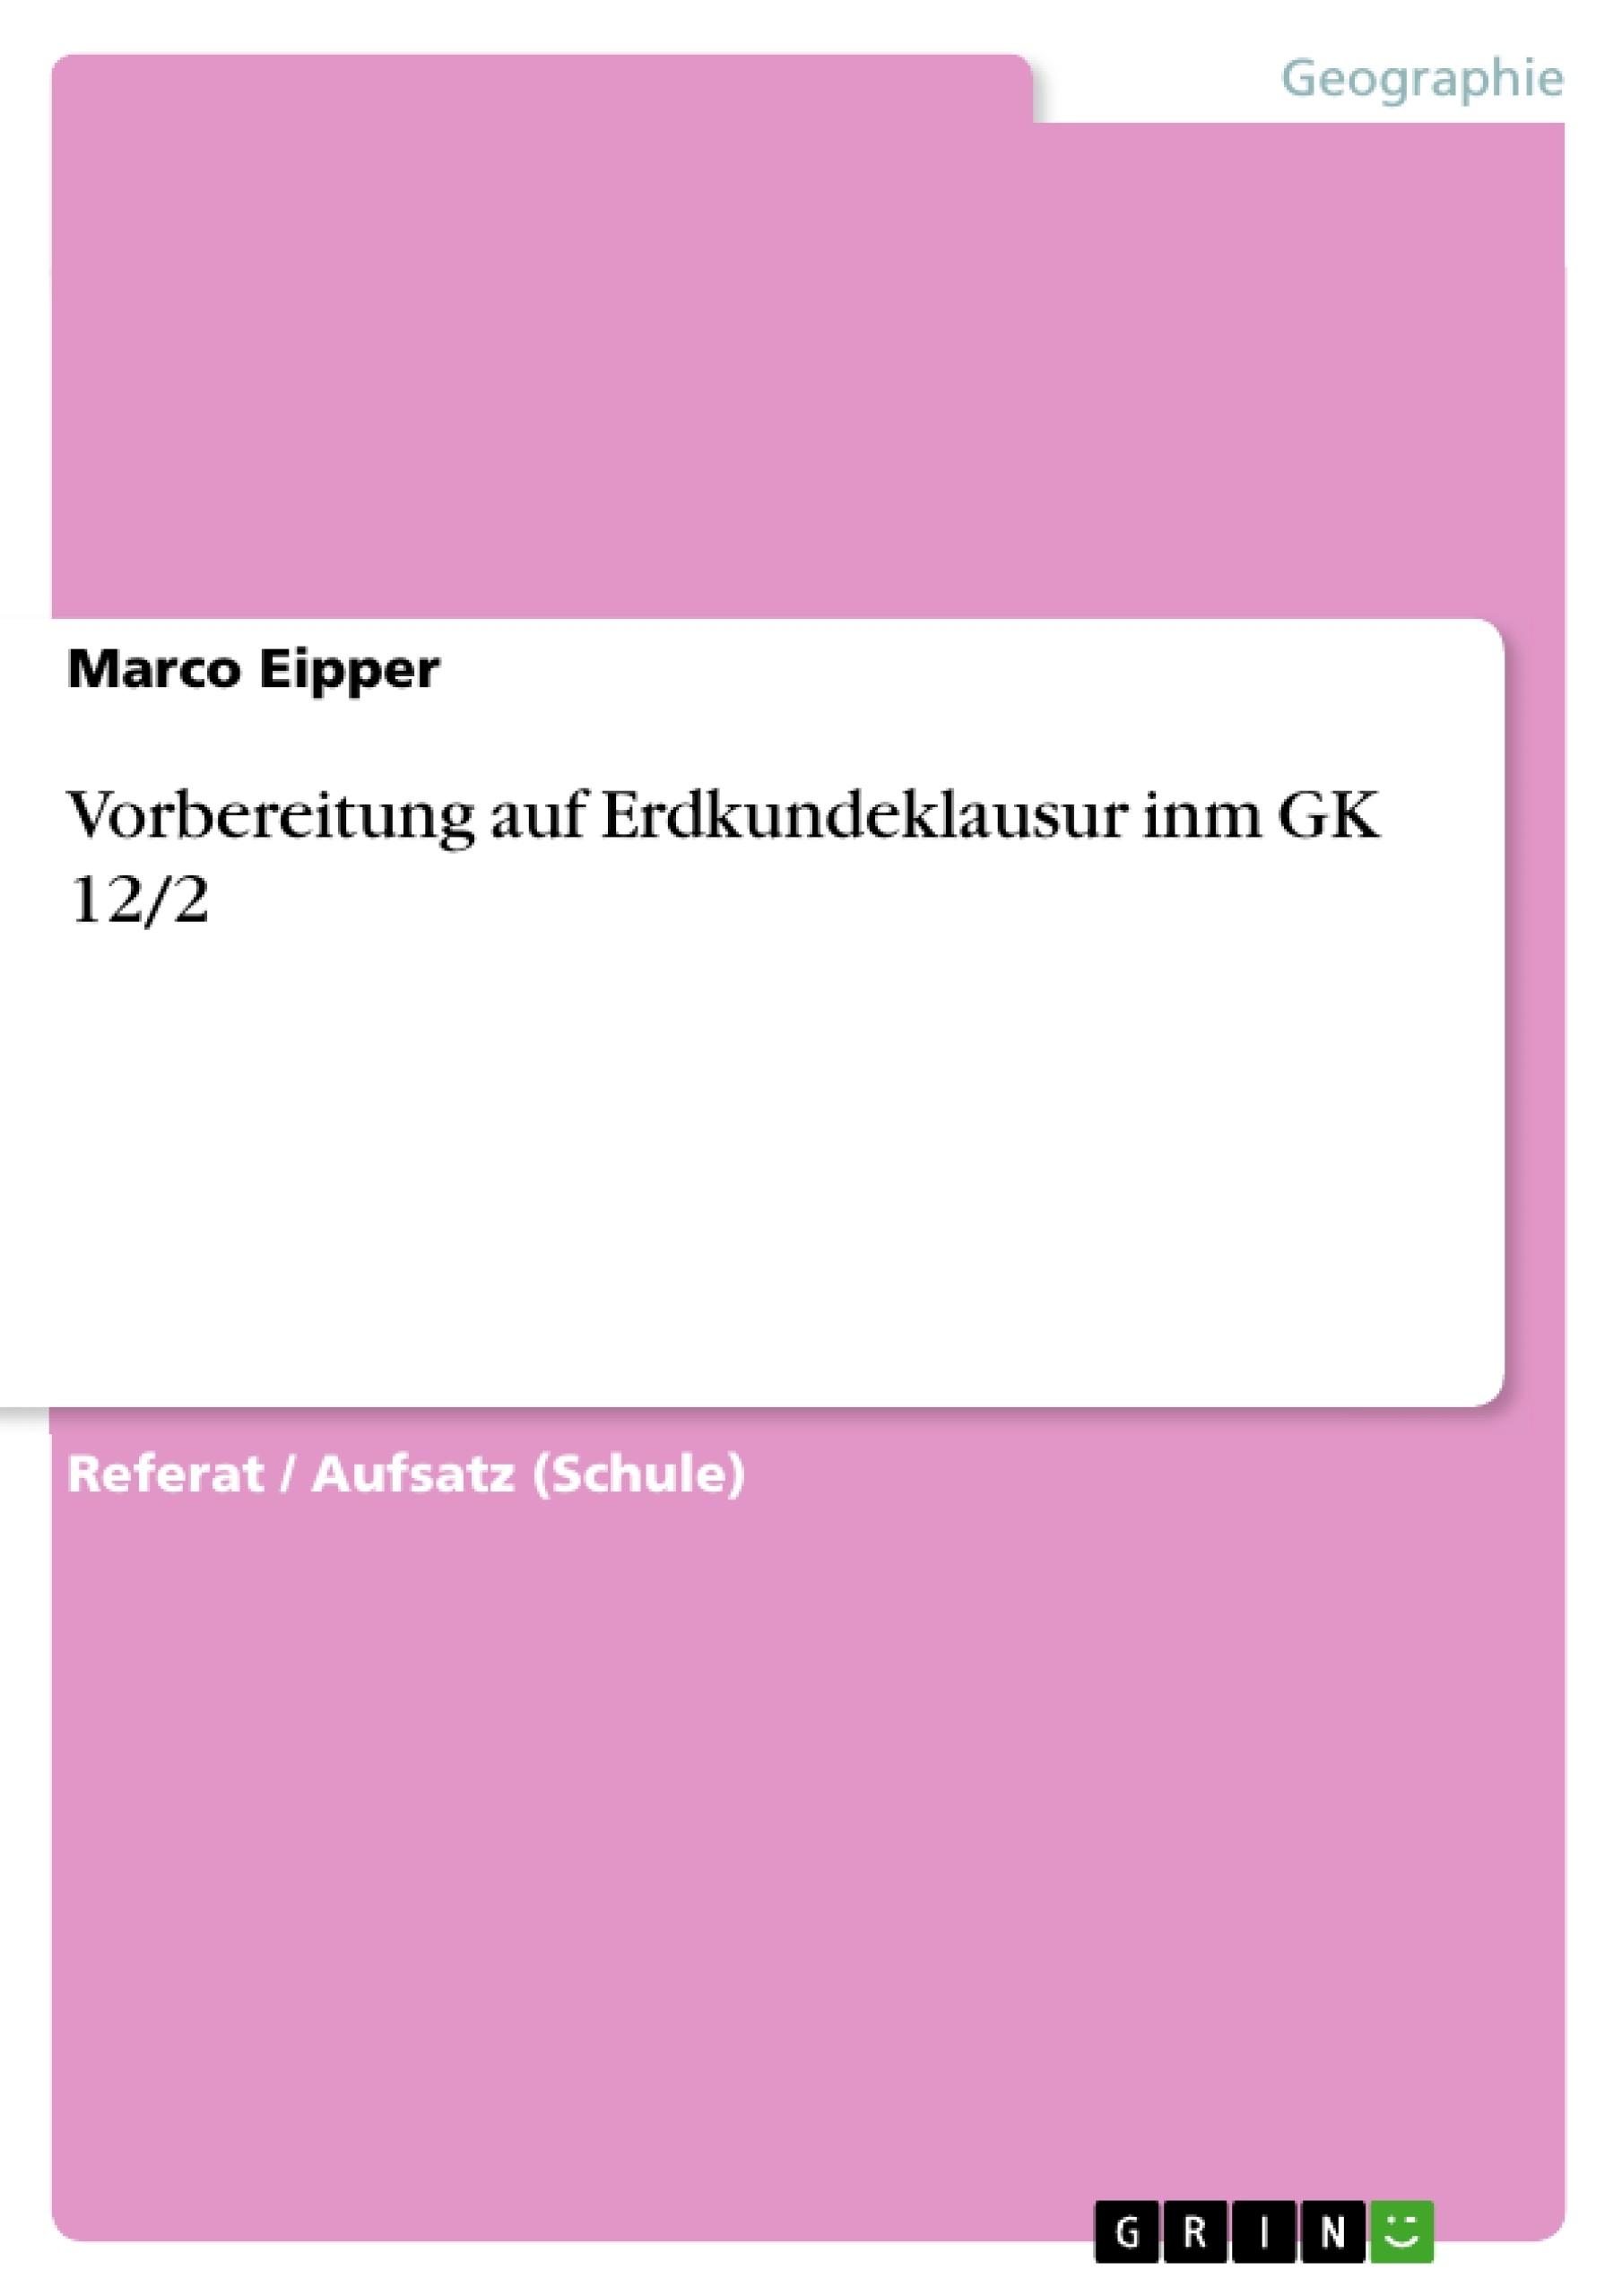 Titel: Vorbereitung auf Erdkundeklausur inm GK 12/2